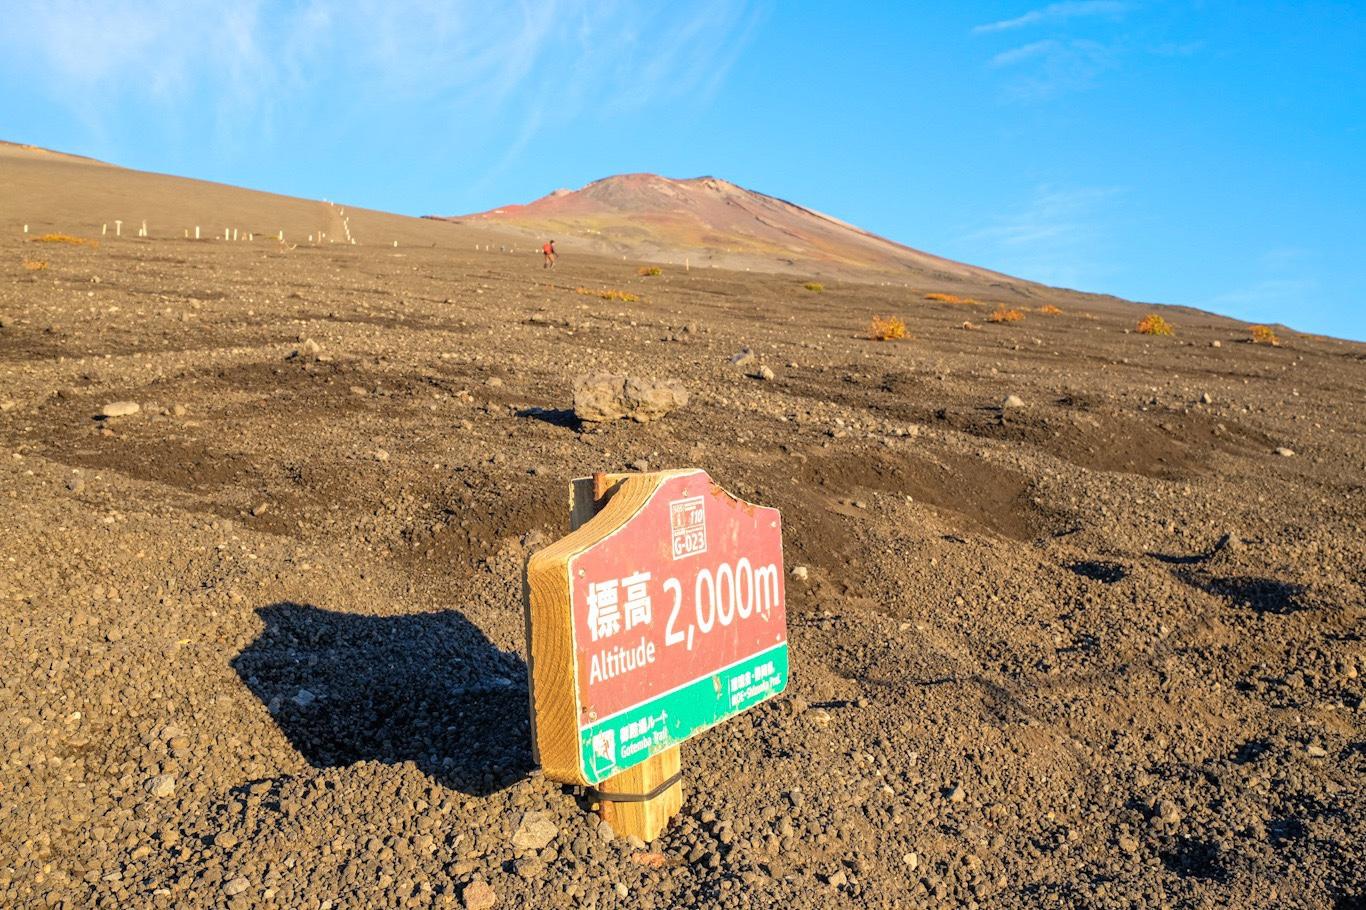 [Apple Watch]富士登山では使えないやつだったと思ったけど…という話